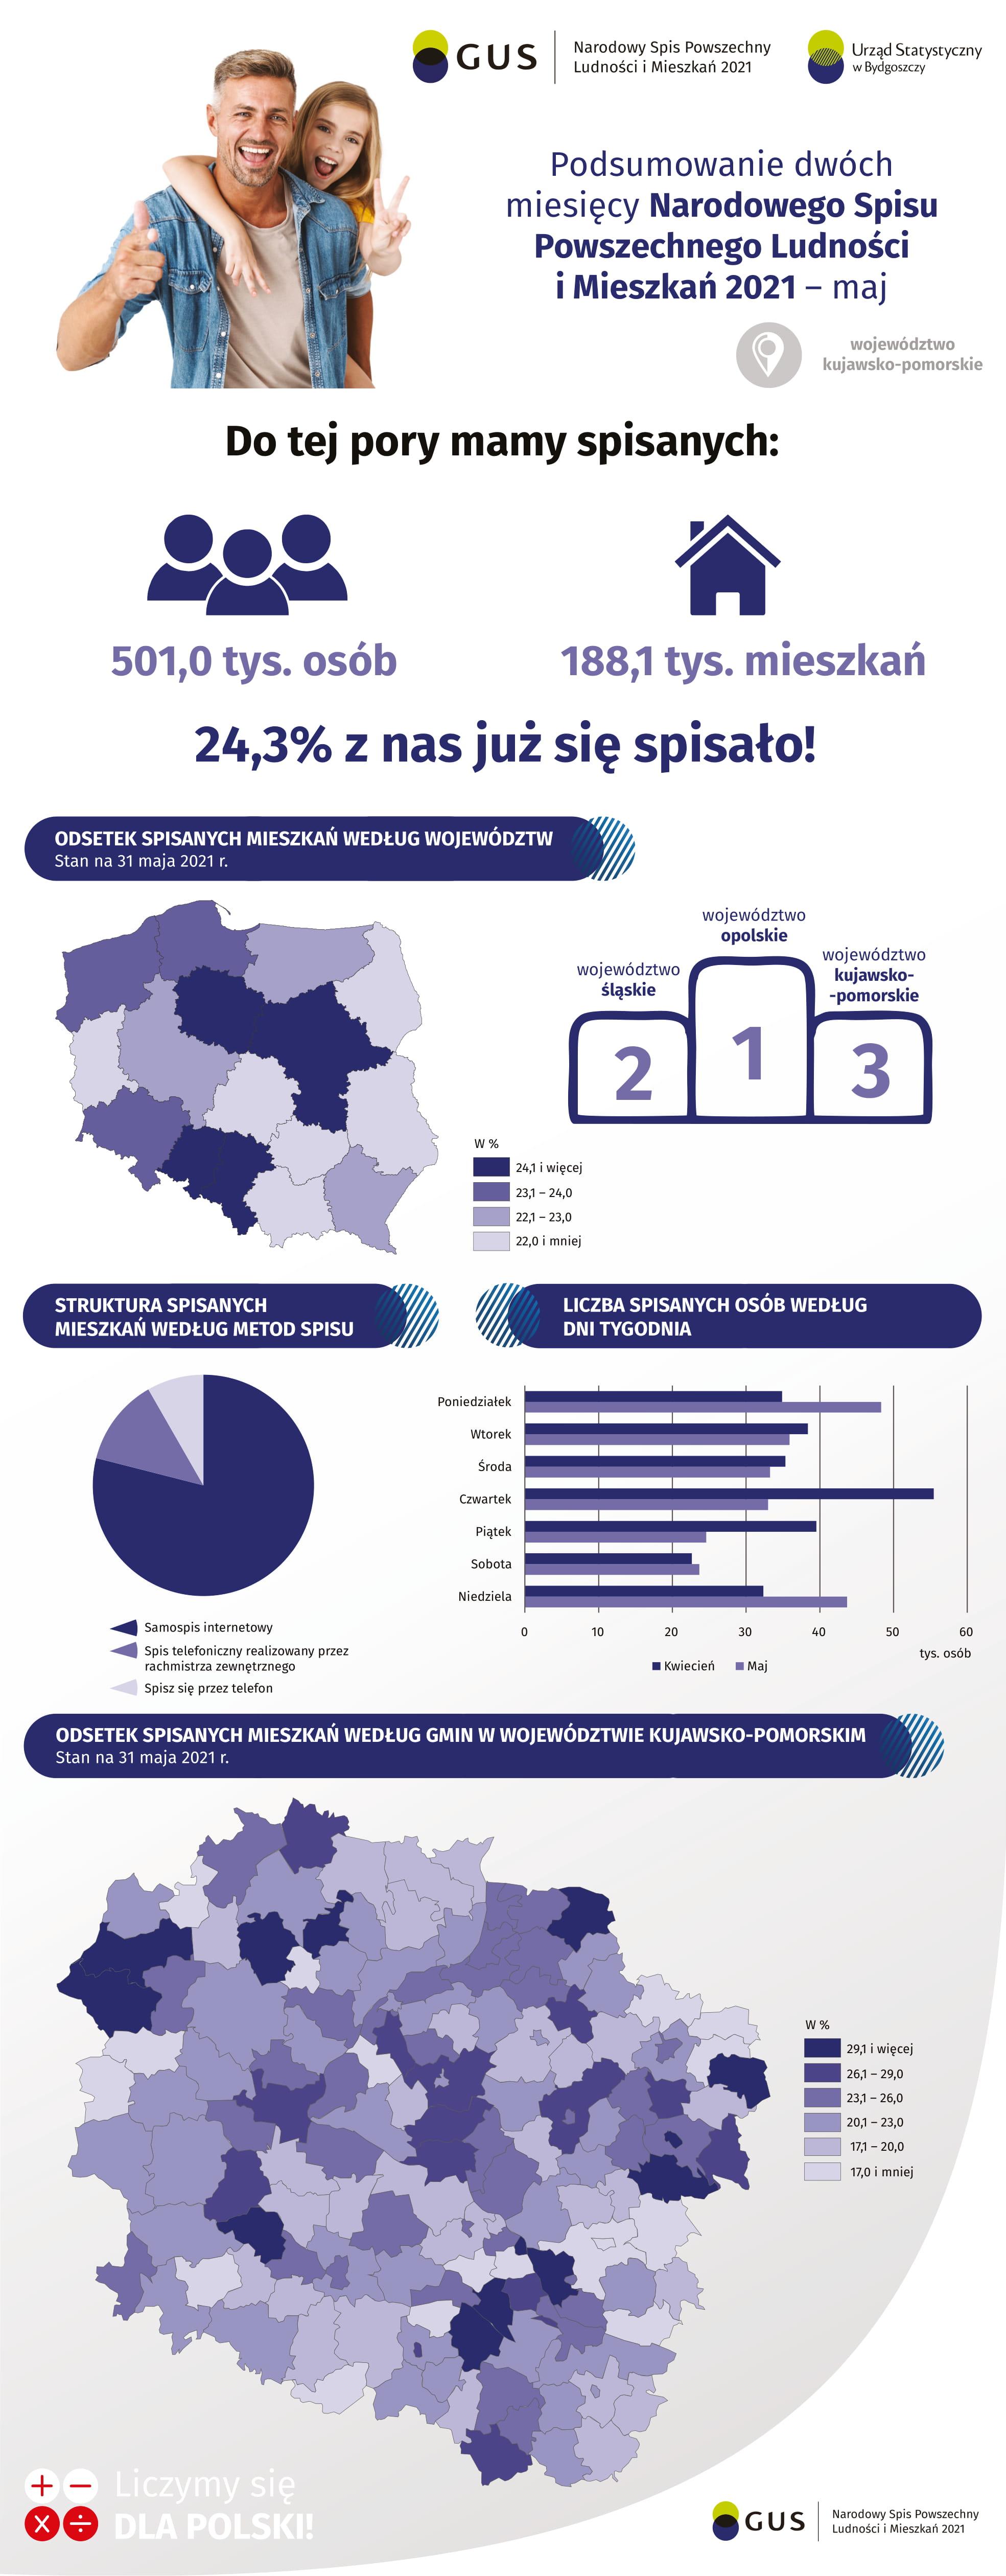 infografika_podsumowanie 2 miesięcy trwania NSP2021-1-1.jpg (633 KB)